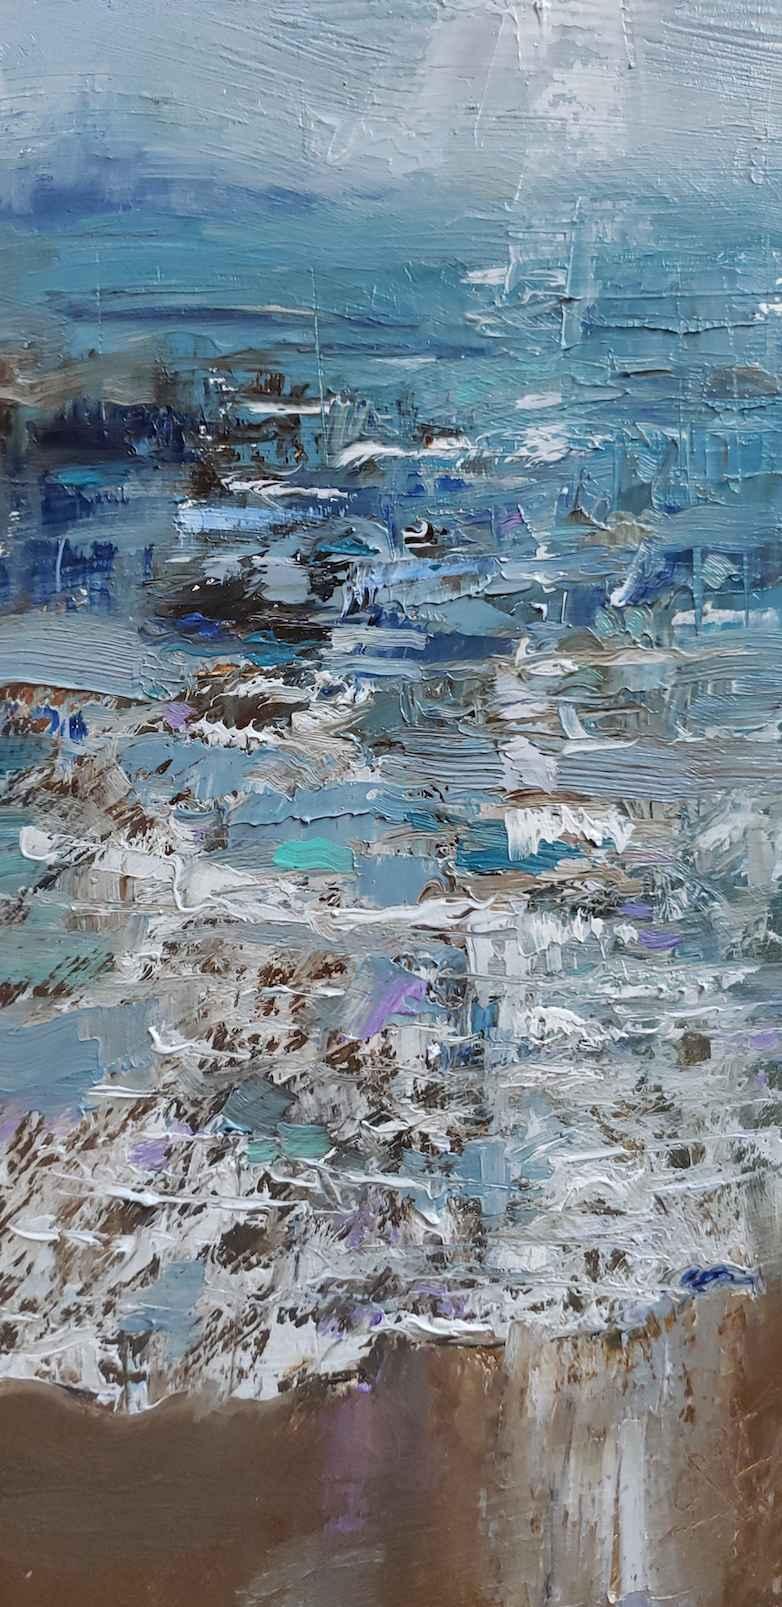 Shimmer, study by Mr. Glen Hawkins - Masterpiece Online